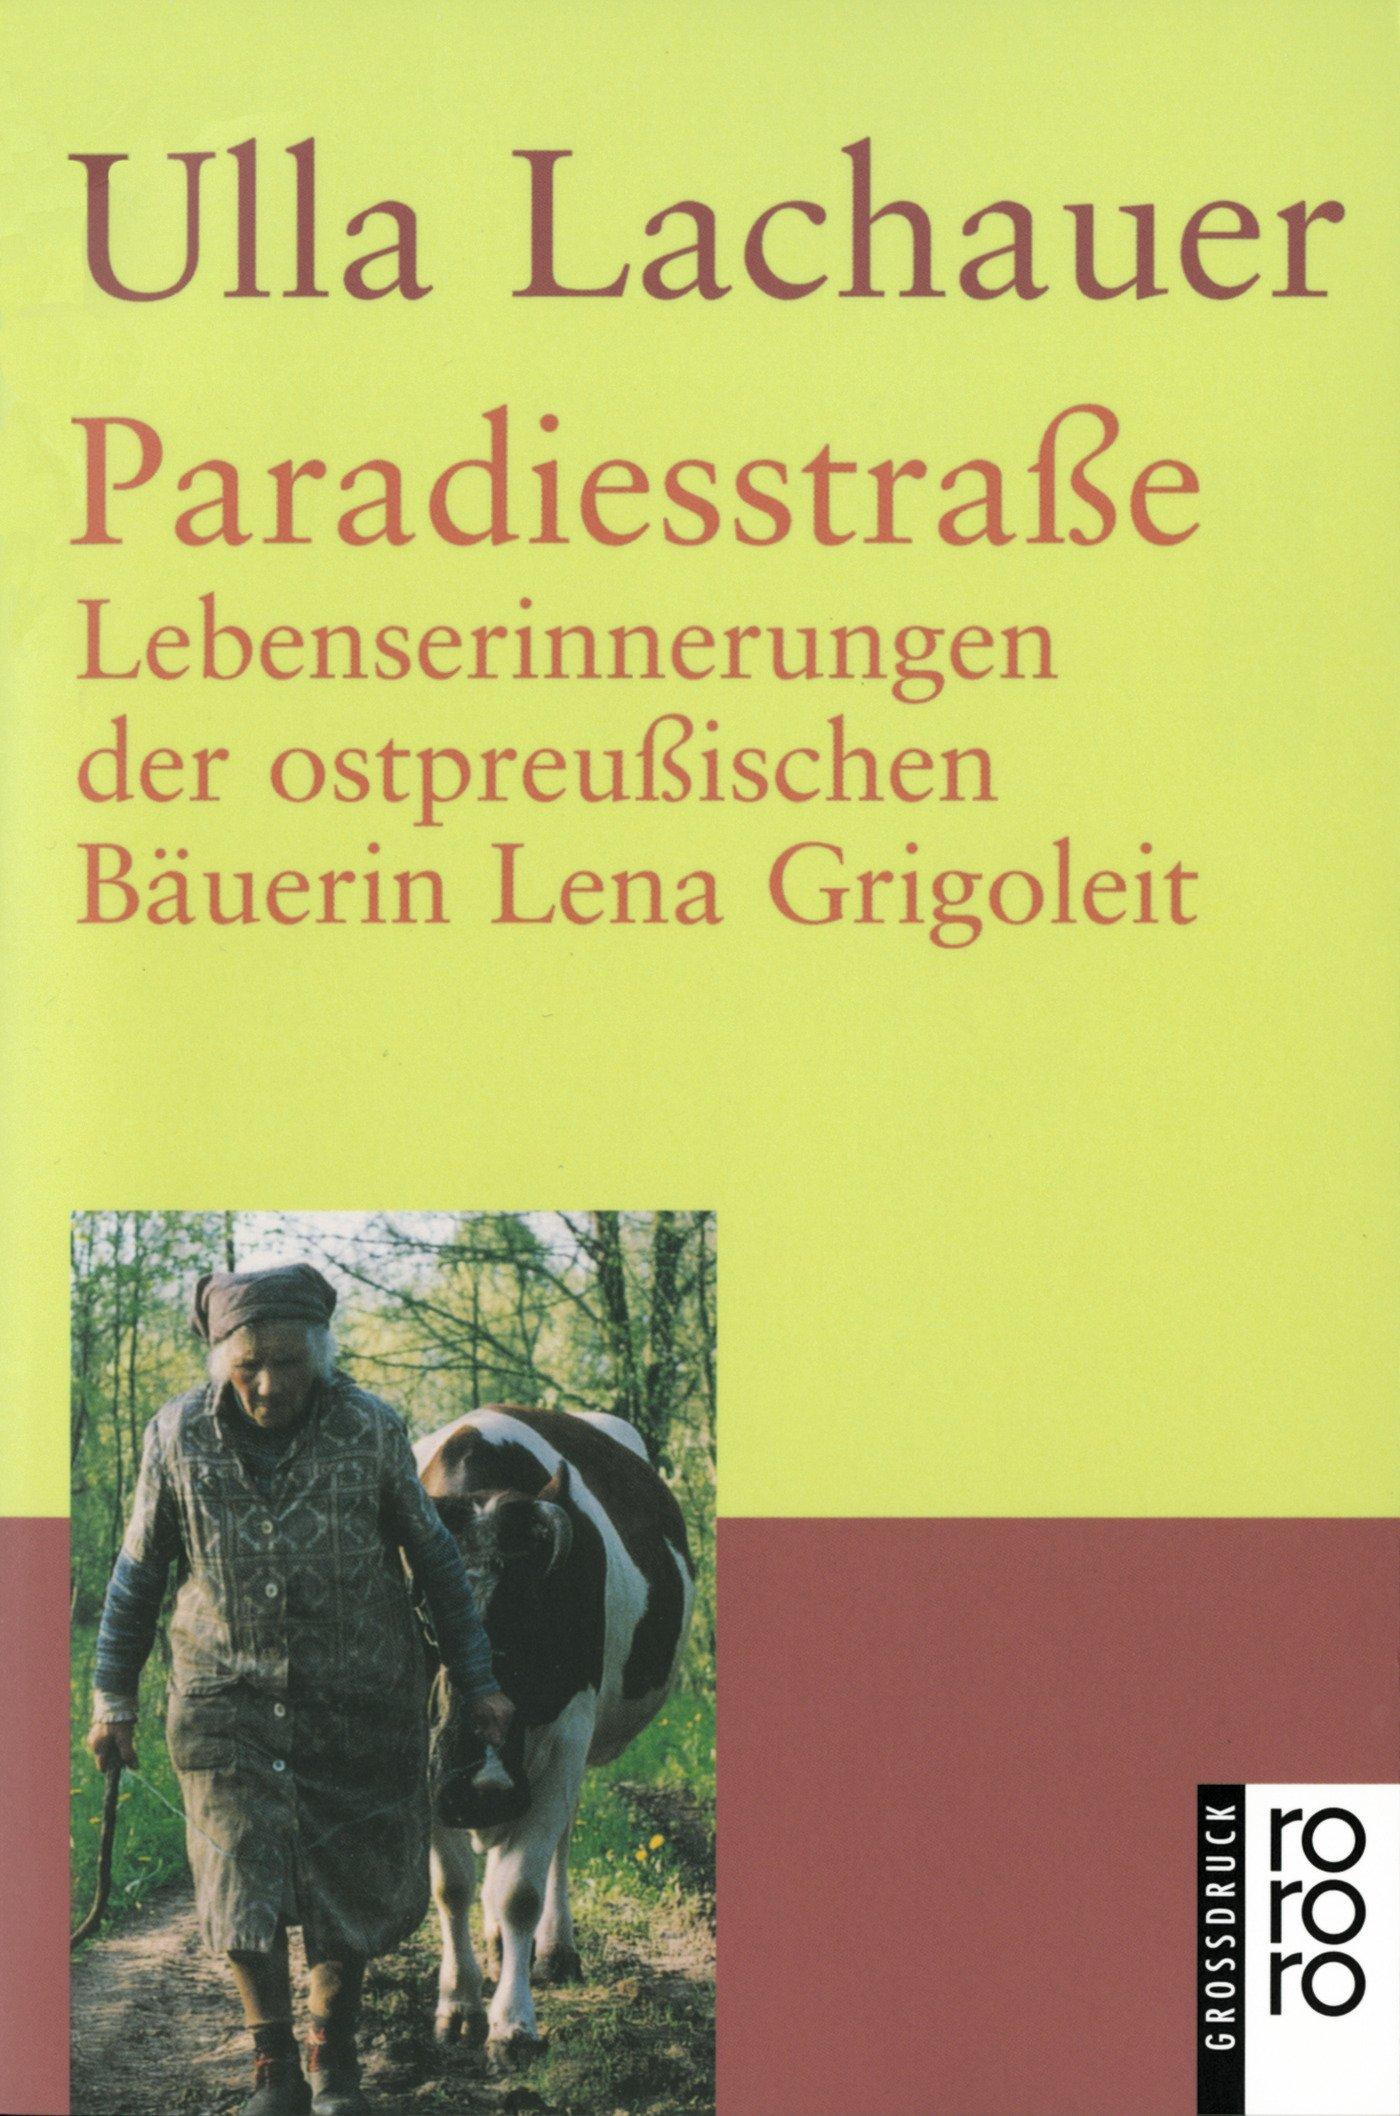 Paradiesstraße: Lebenserinnerungen der ostpreußischen Bäuerin Lena Grigoleit